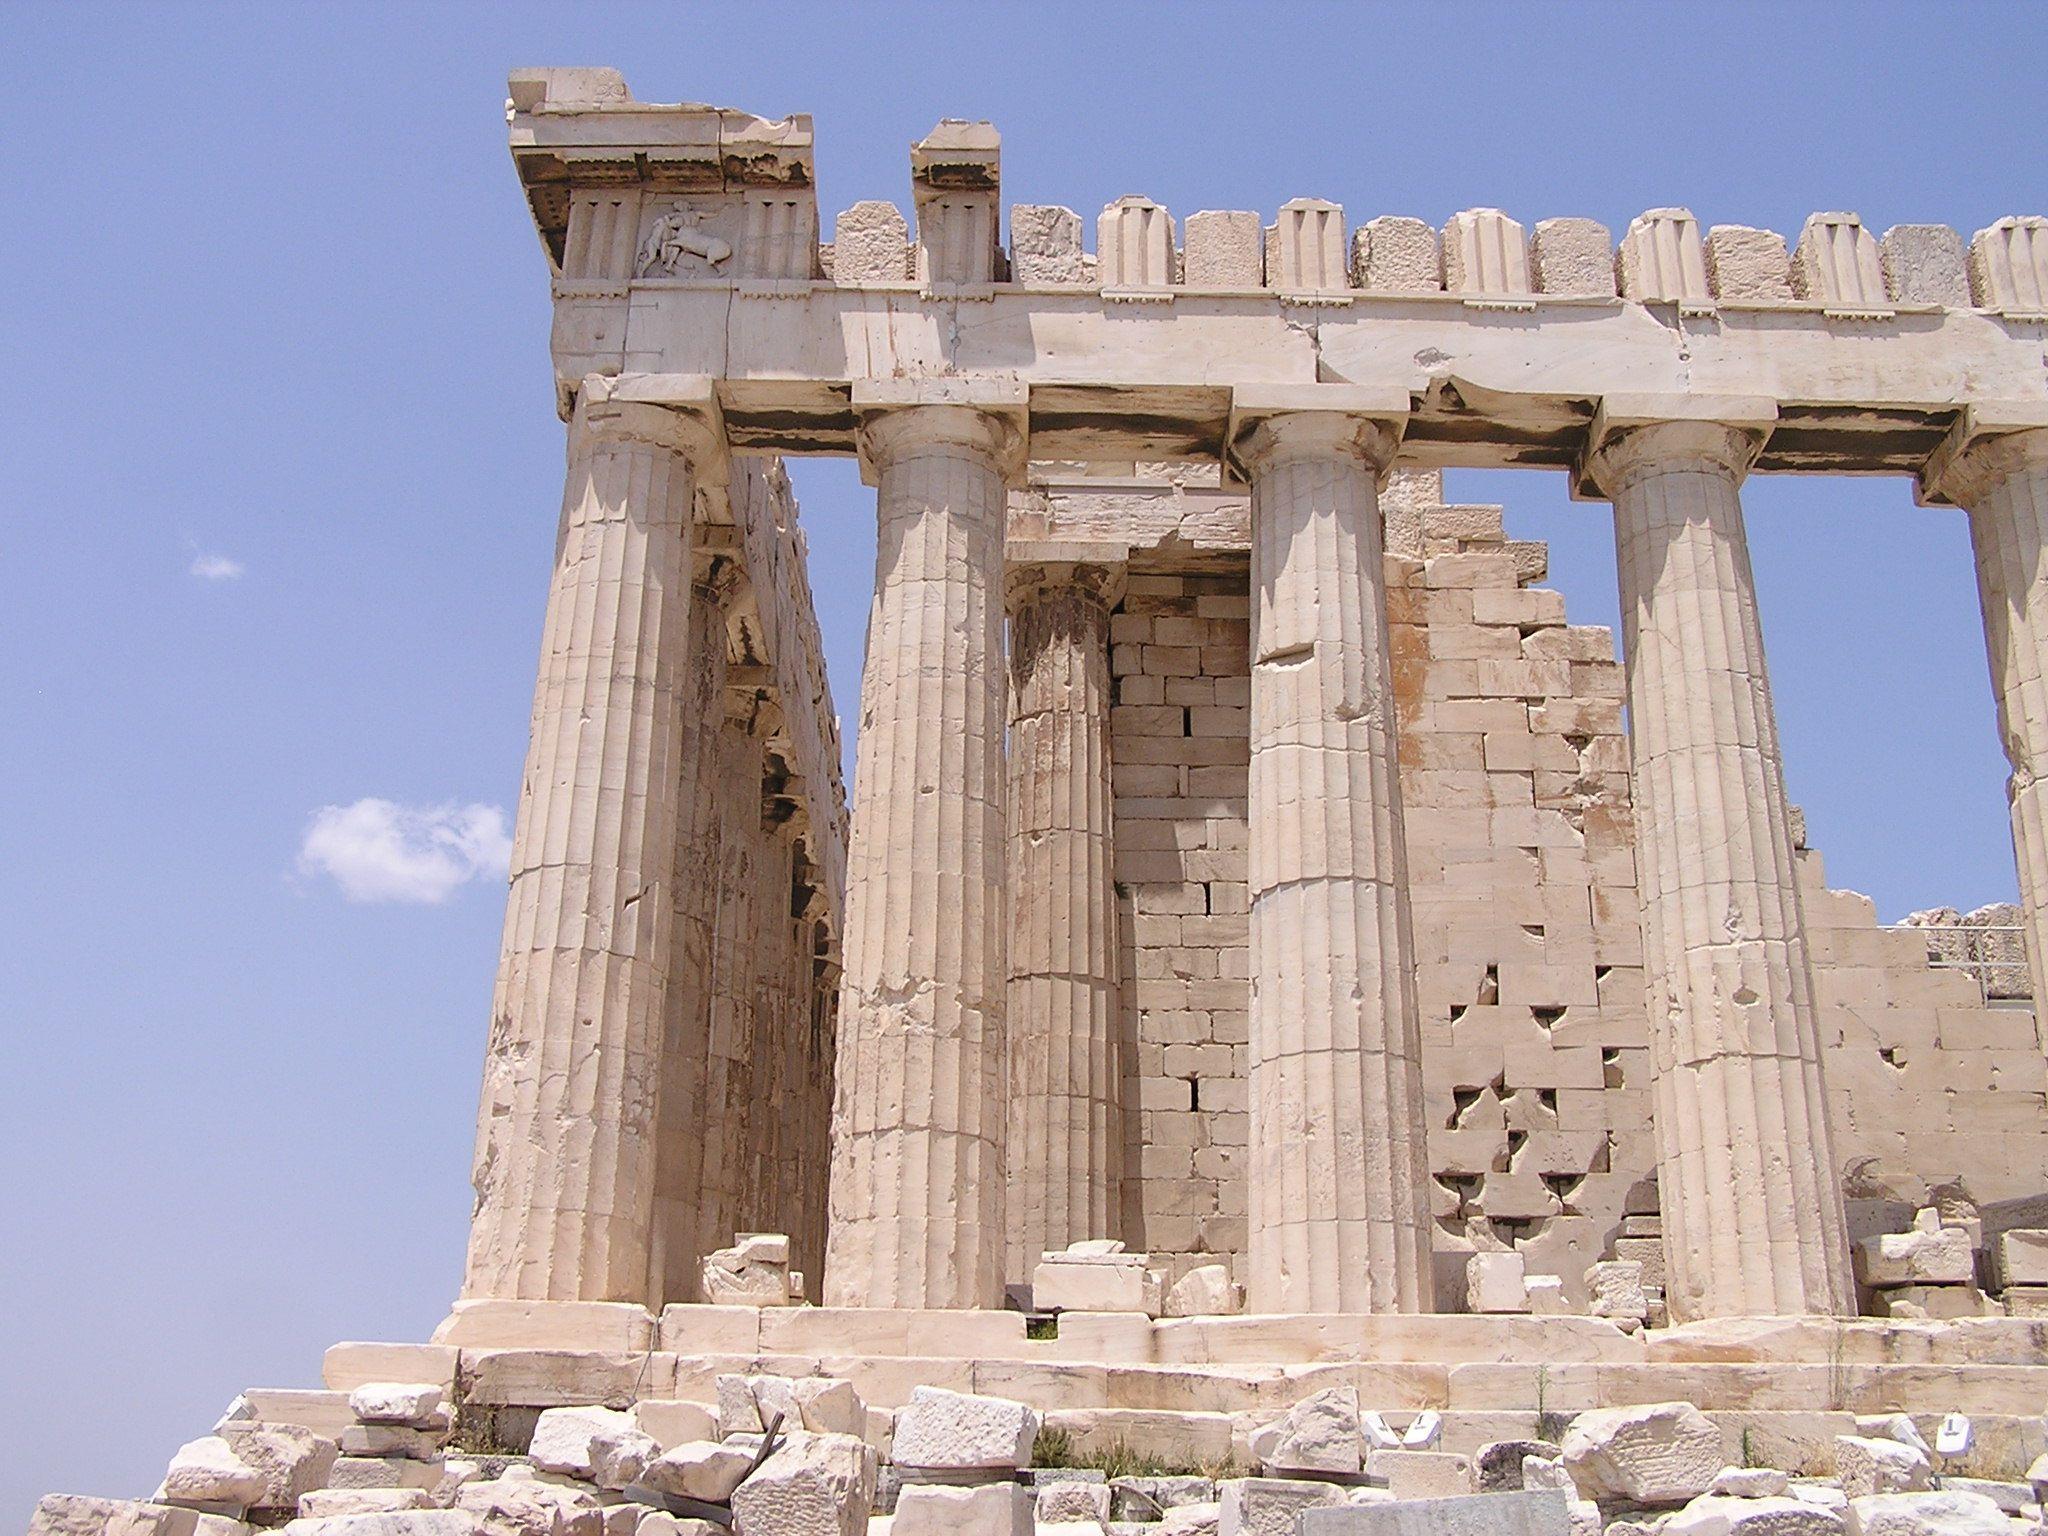 Acropolis of Athens, Greece - YouTube